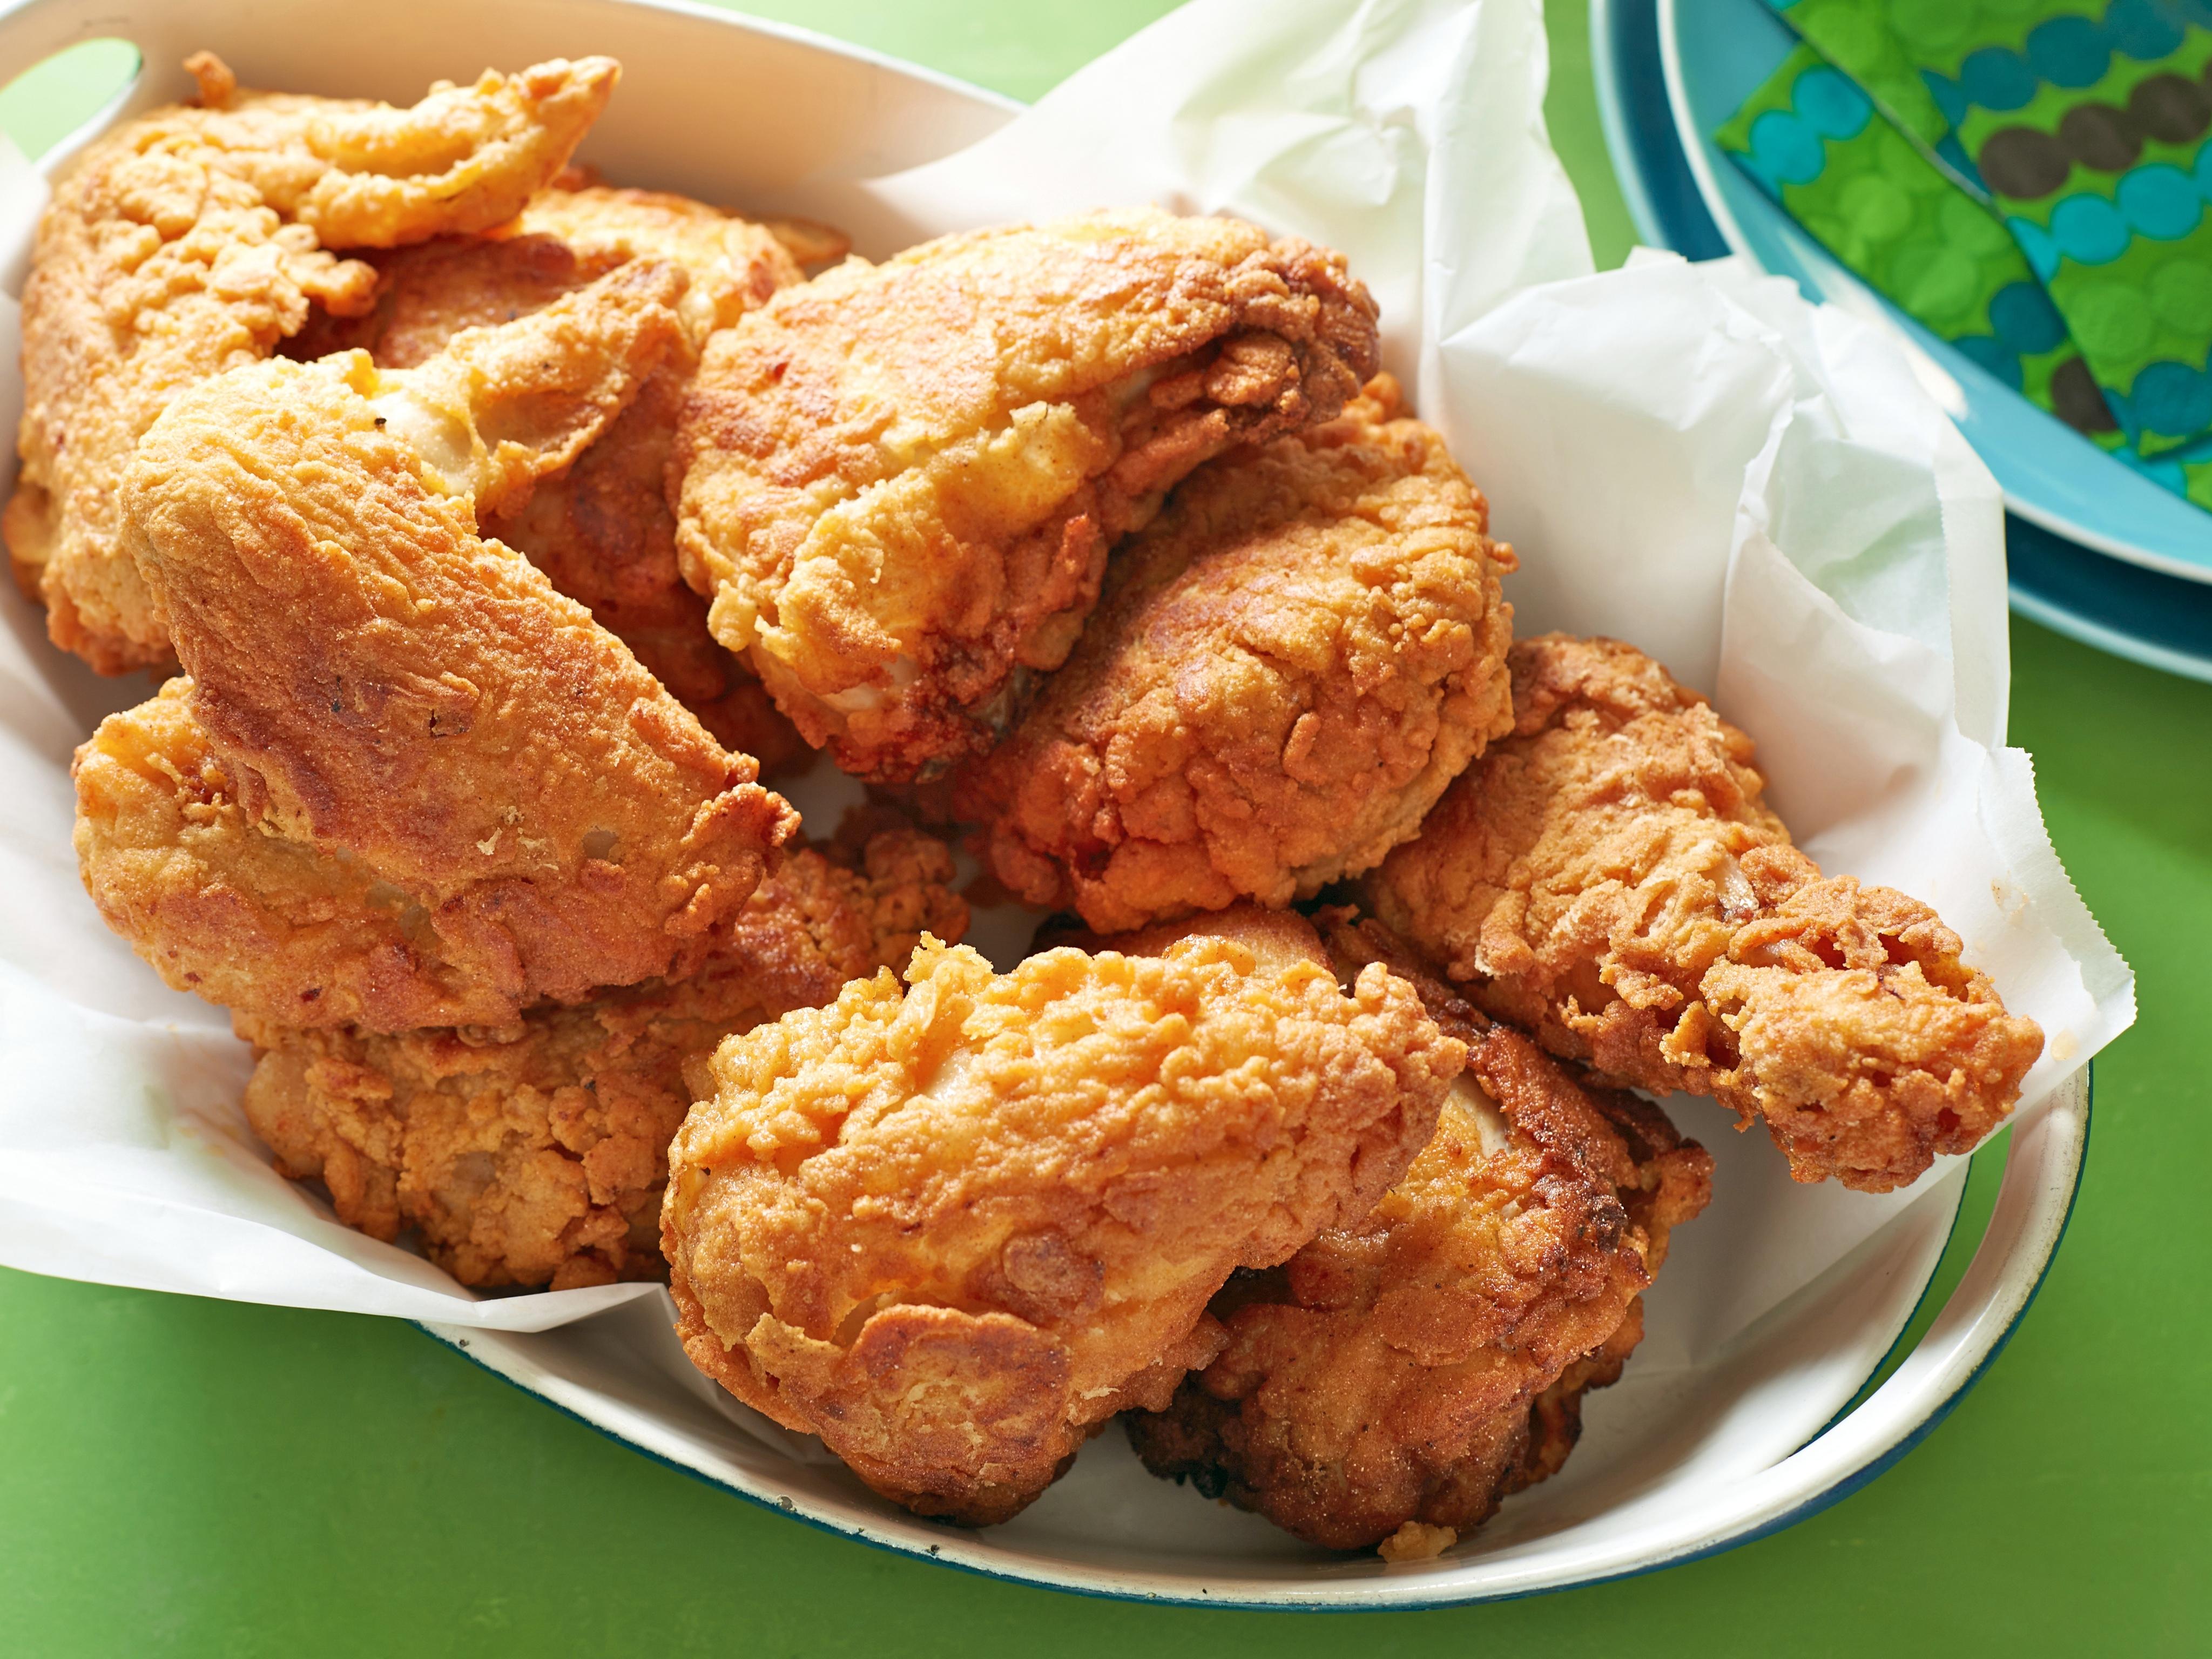 Fried Chicken Background